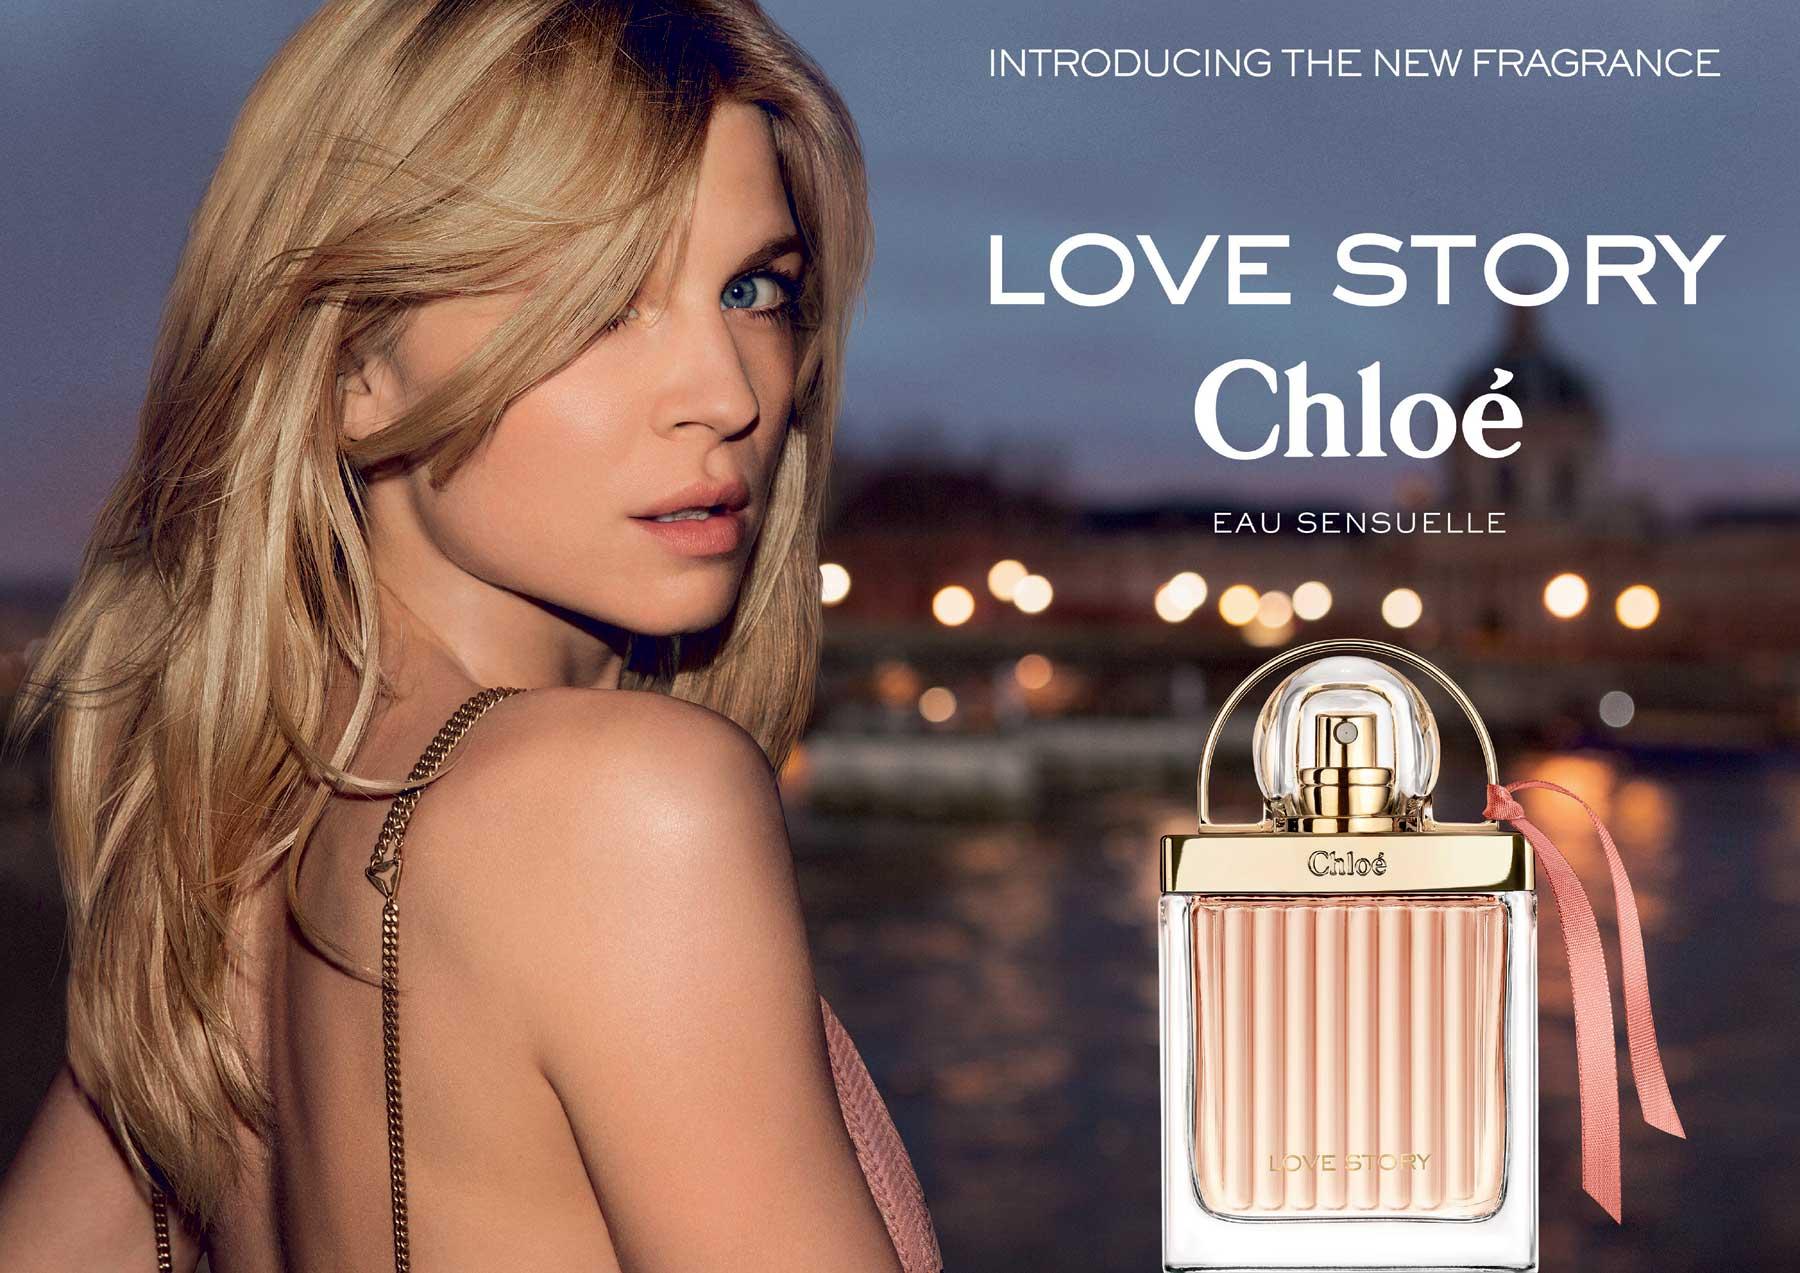 Love Nouveaux Chloé ~ Sensuelle Story Eau Parfums EI2e9YWHD